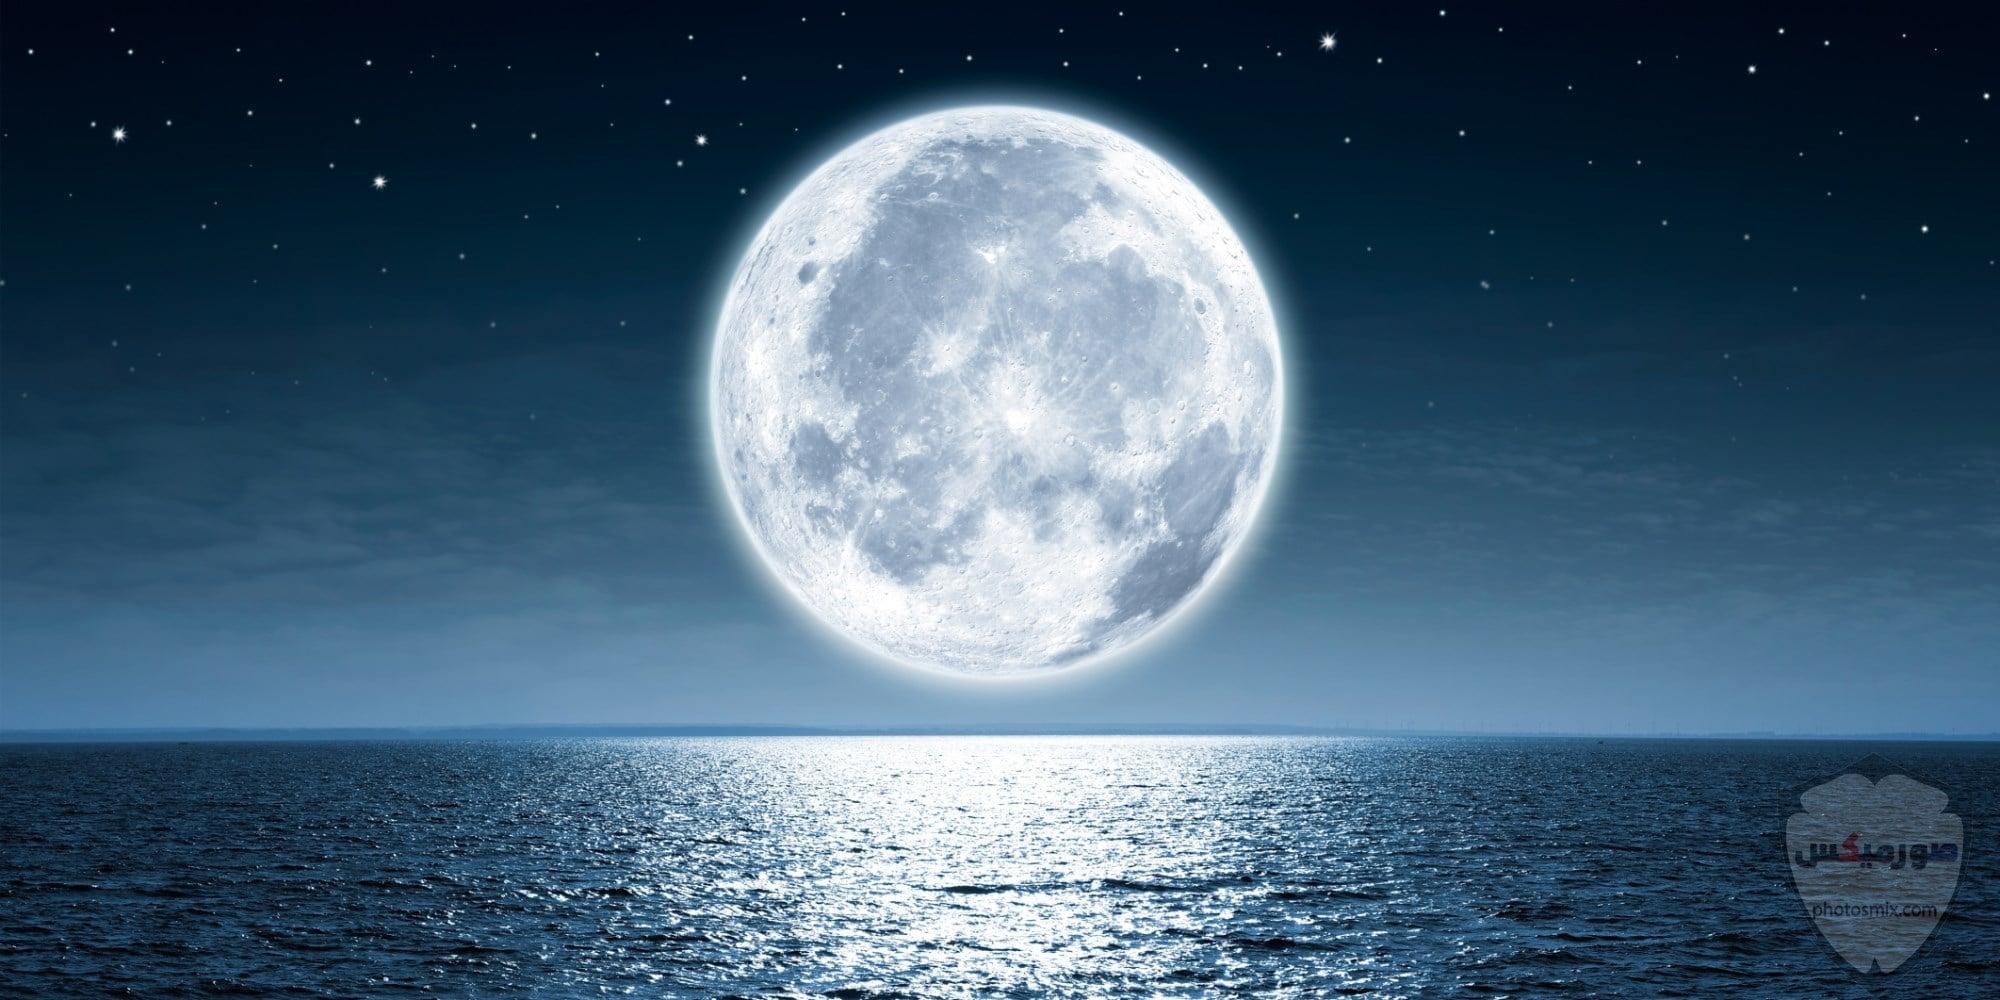 صور القمر والسماء والنجوم خلفيات للقمر والبدر والهلال عالية الجودة 21